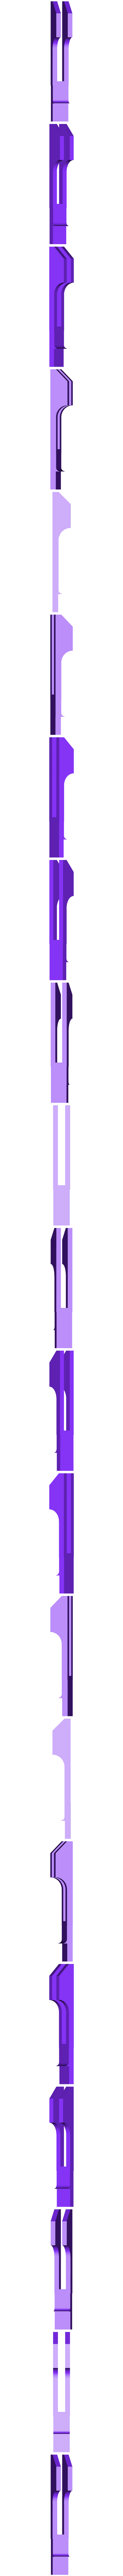 GlueGunCaddy-stand6mm.stl Télécharger fichier STL gratuit Support à cadenas pour pistolet à colle w • Modèle imprimable en 3D, MeesterEduard